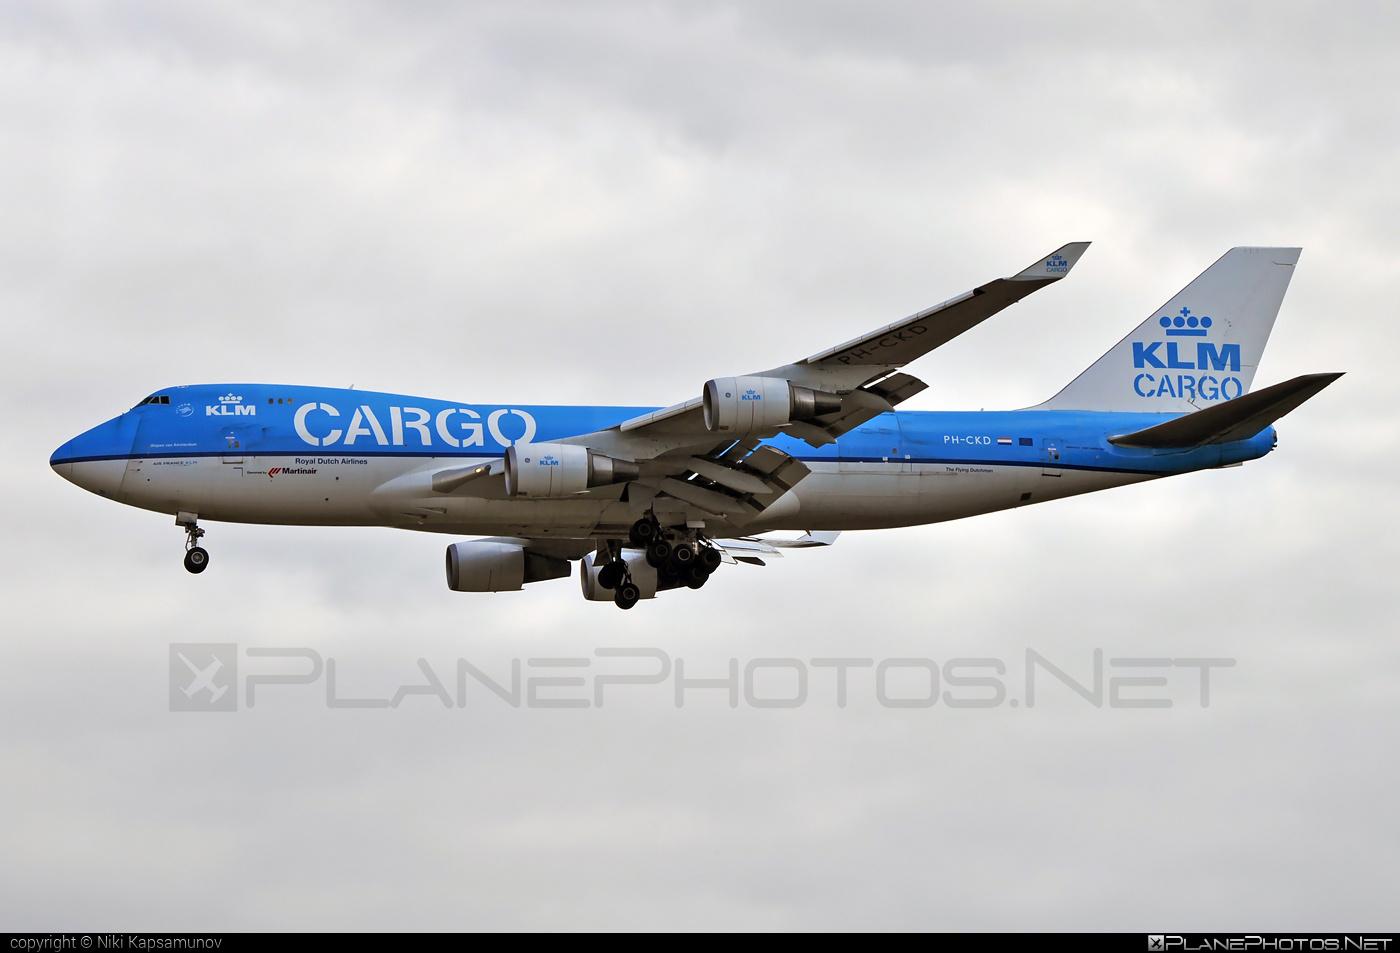 Boeing 747-400ERF - PH-CKD operated by KLM Cargo #b747 #b747erf #b747freighter #boeing #boeing747 #jumbo